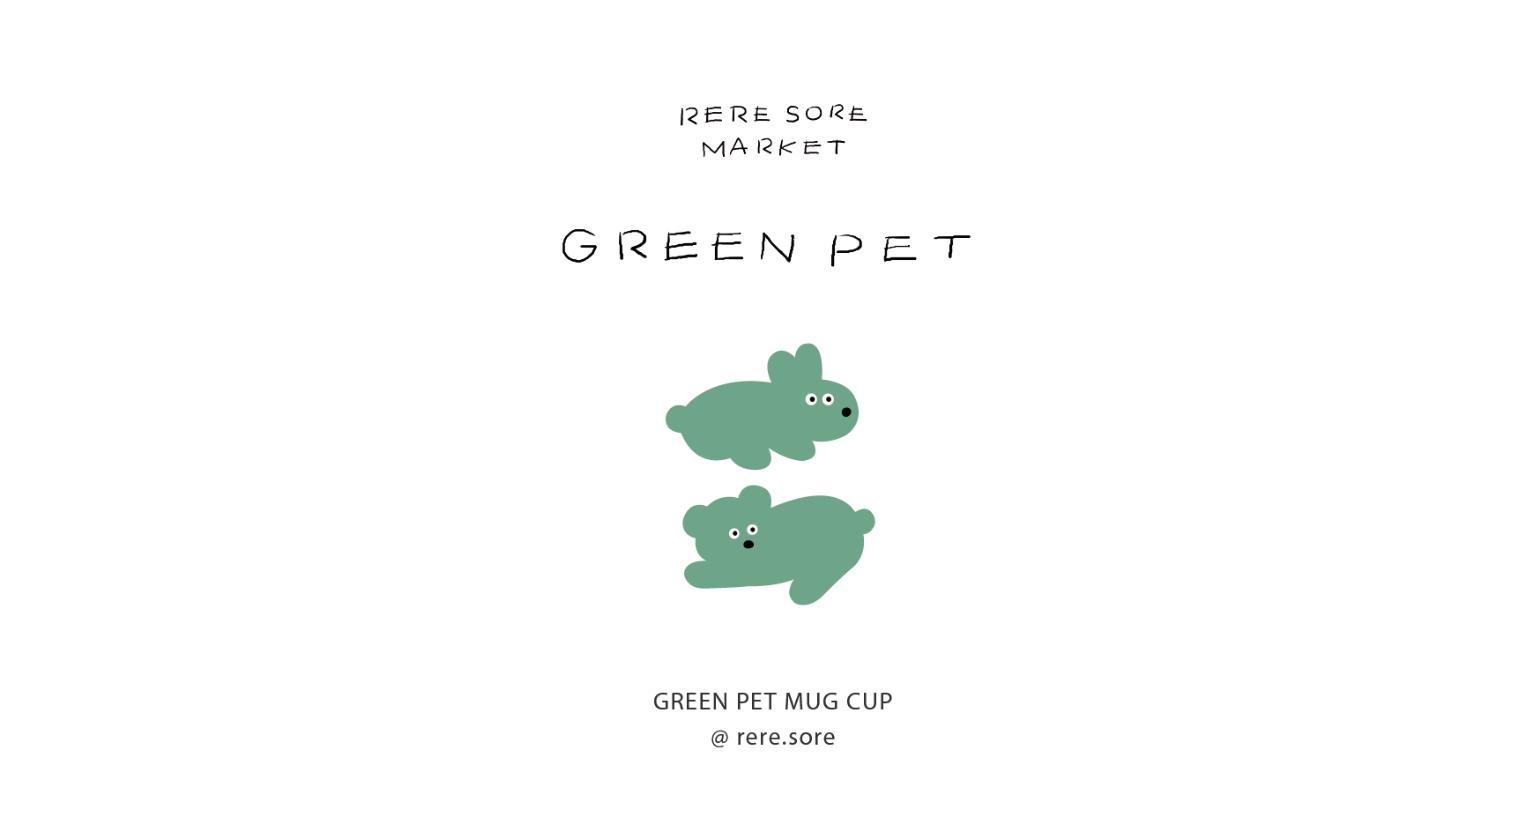 green pet mug - 리리소리, 12,000원, 머그컵, 일러스트머그